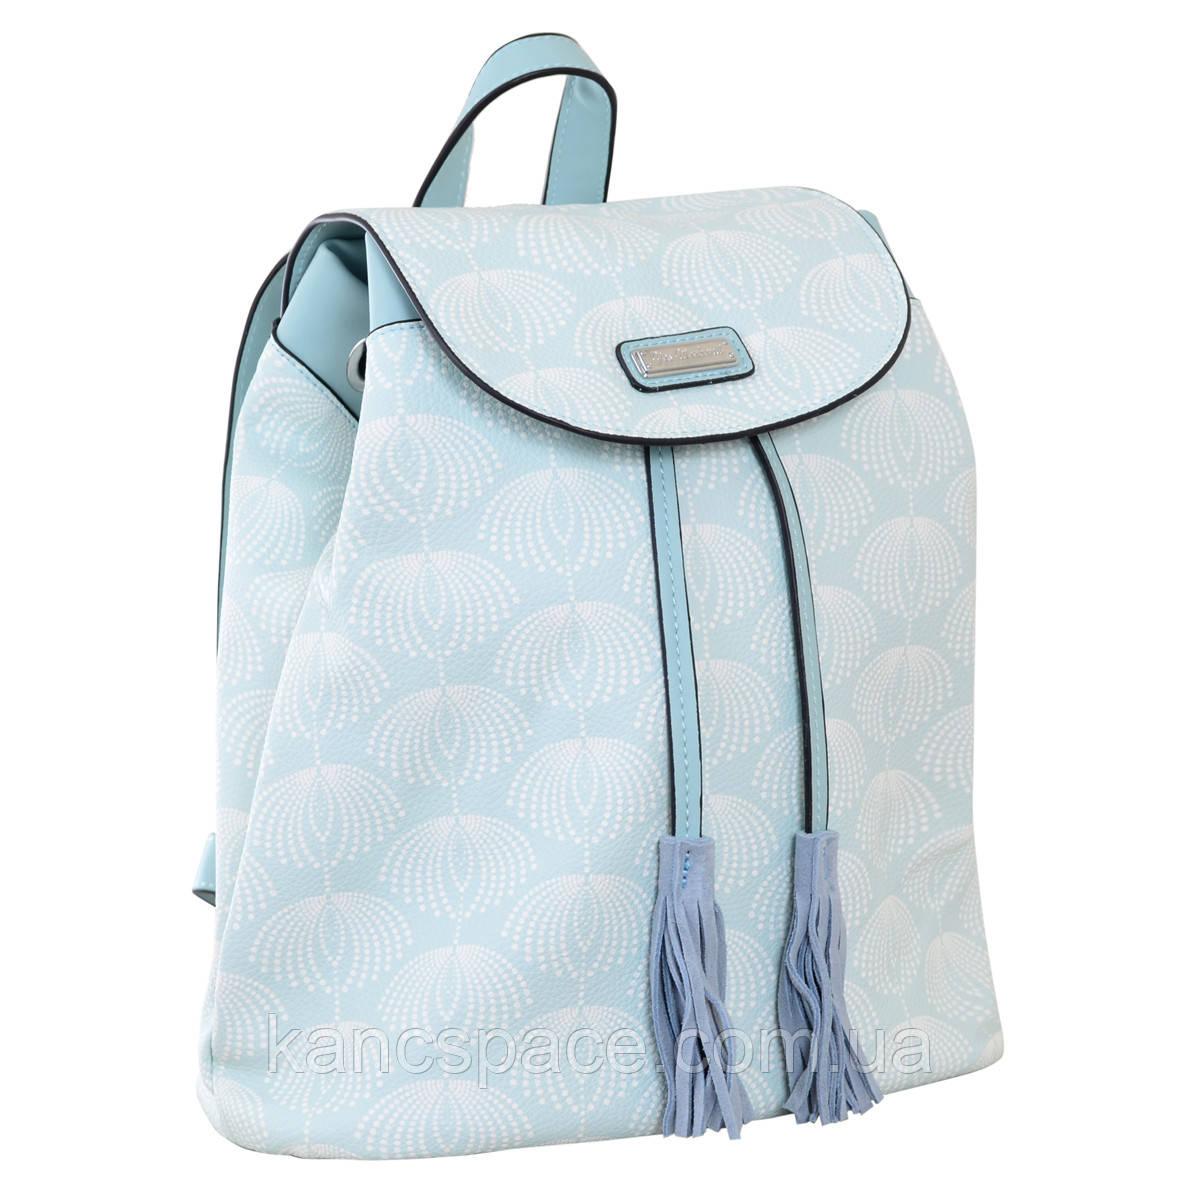 Рюкзак молодіжний  YW-25, 17*28.5*15, сіро-блакитний